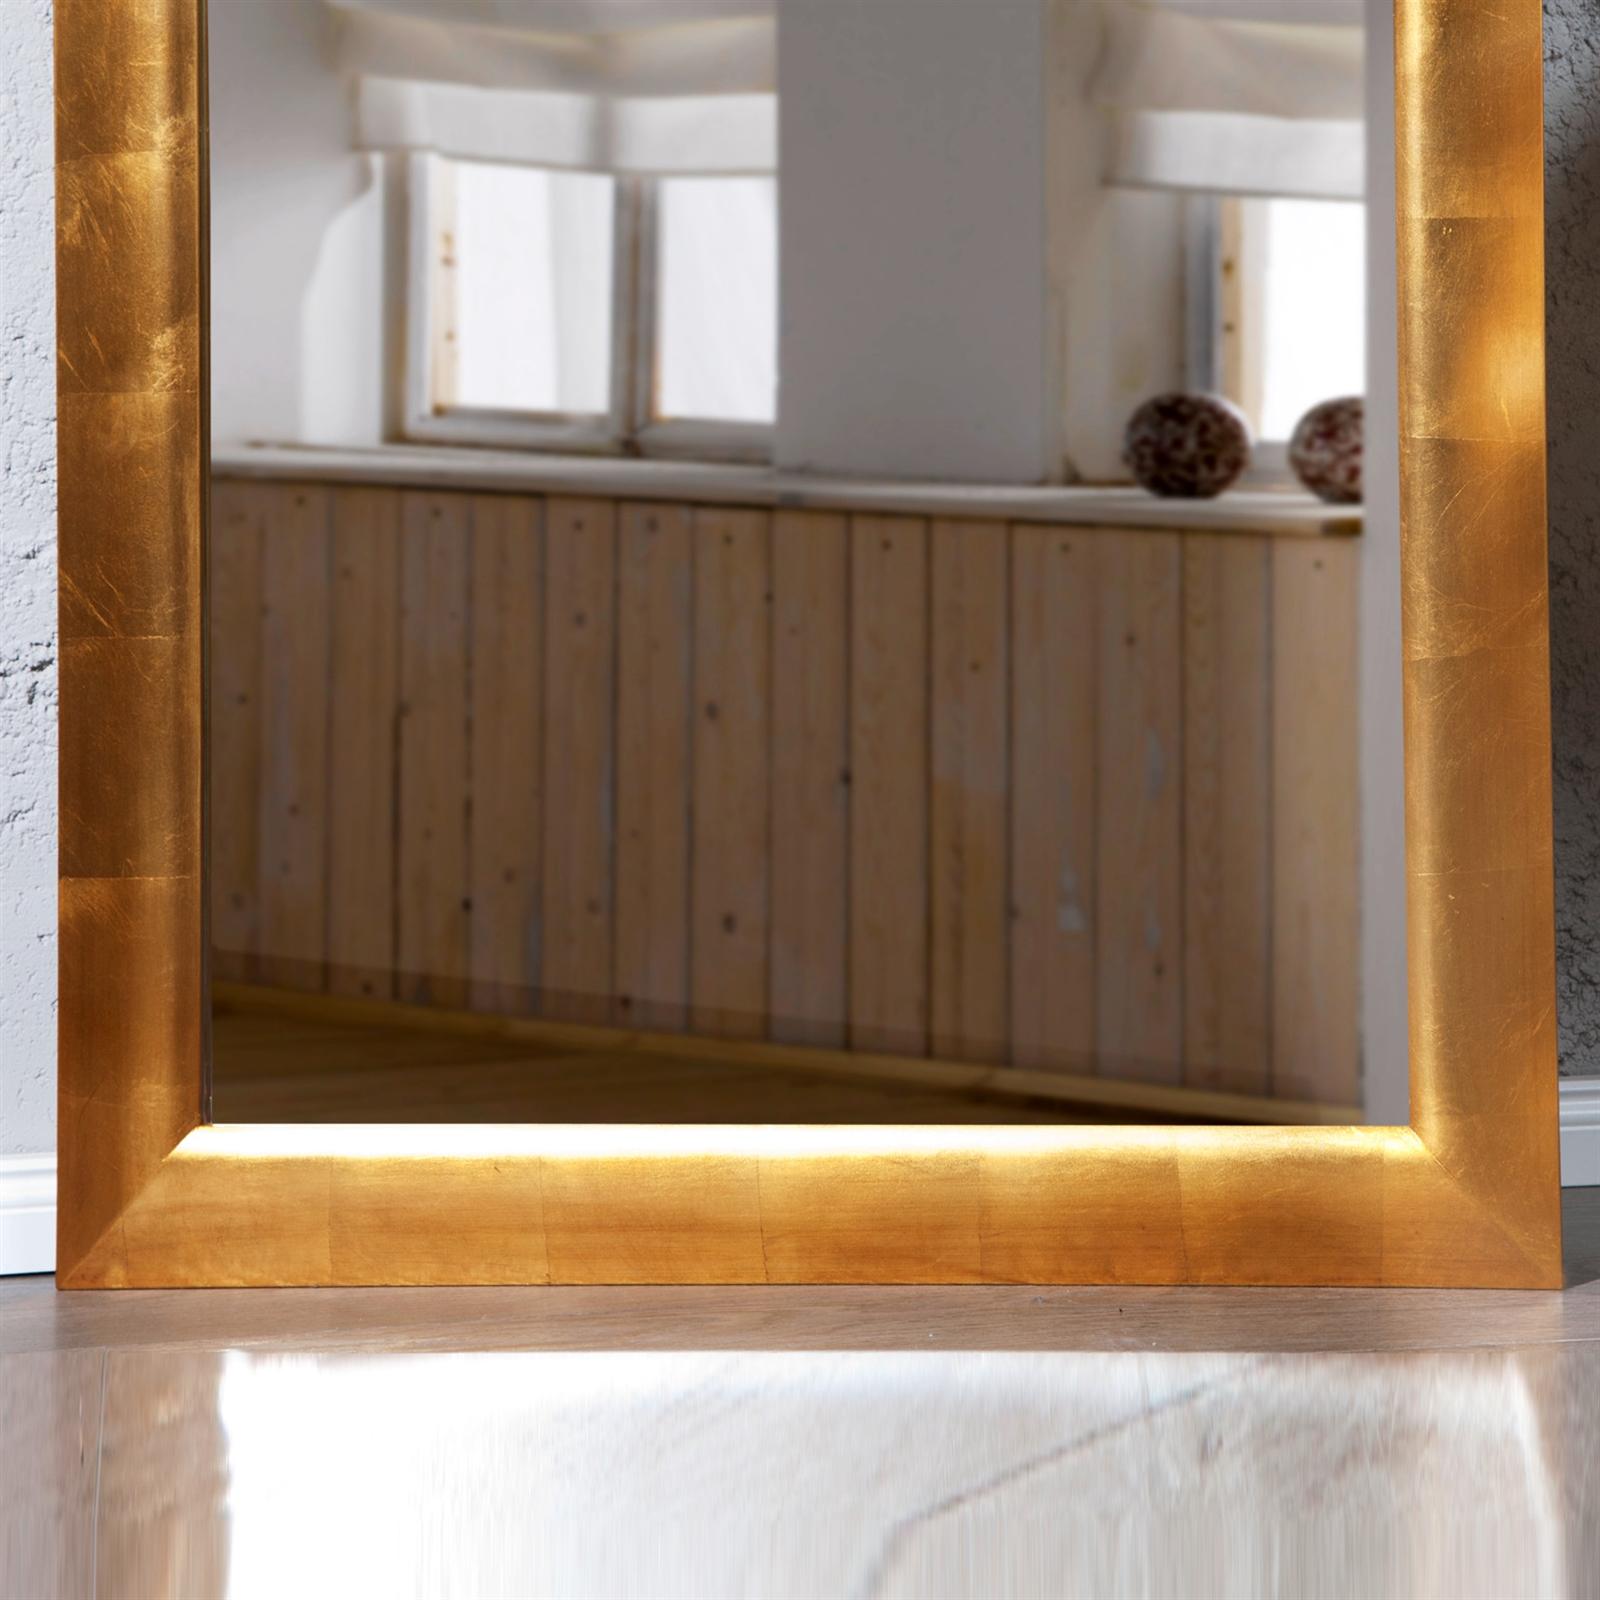 gro er spiegel eleganza wandspiegel 190 x 90 cm gold ebay. Black Bedroom Furniture Sets. Home Design Ideas